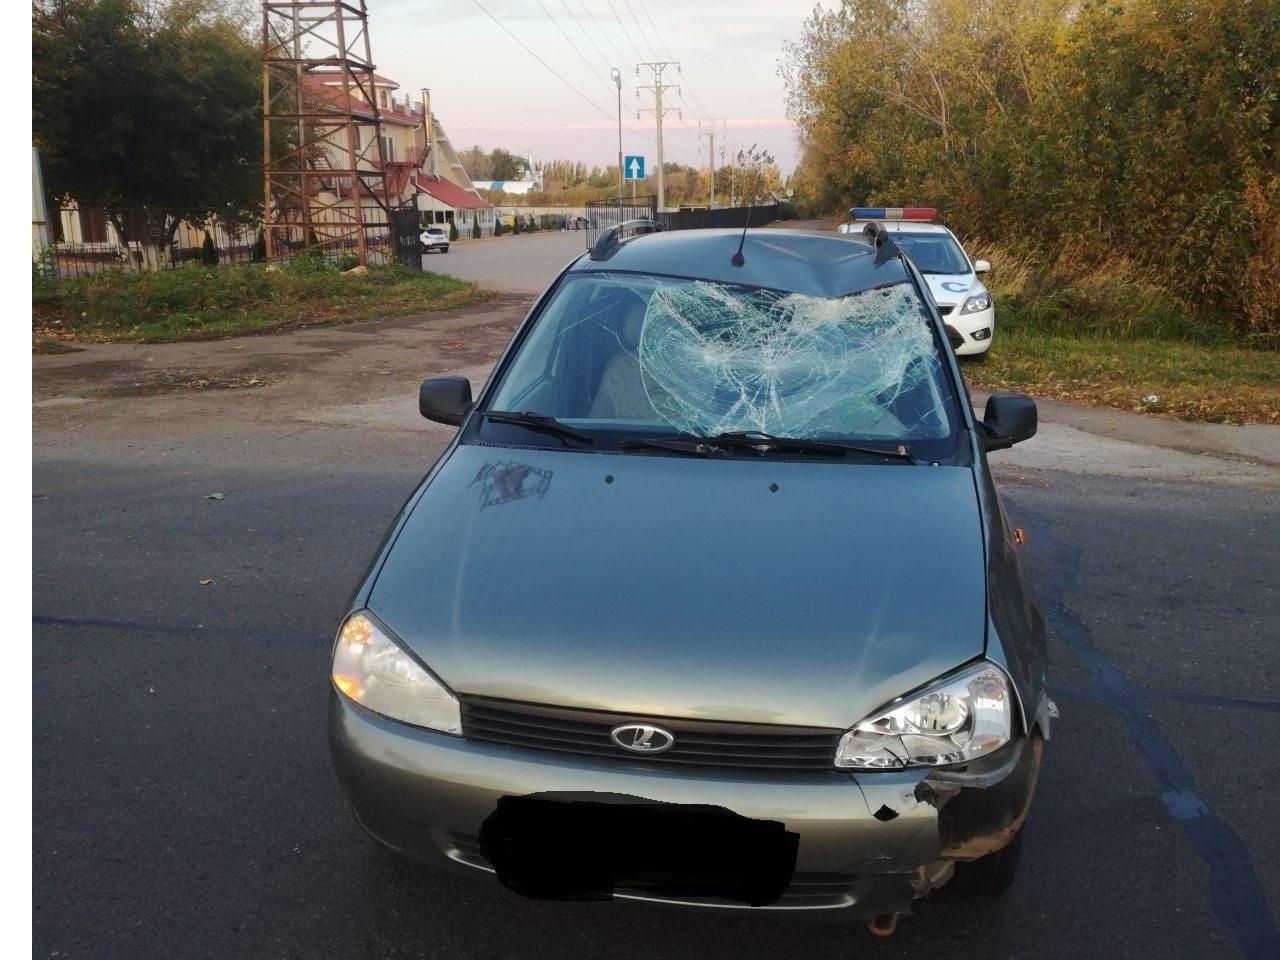 Нарушил правила: В Тольятти пешеход разбил собой лобовое стекло машины